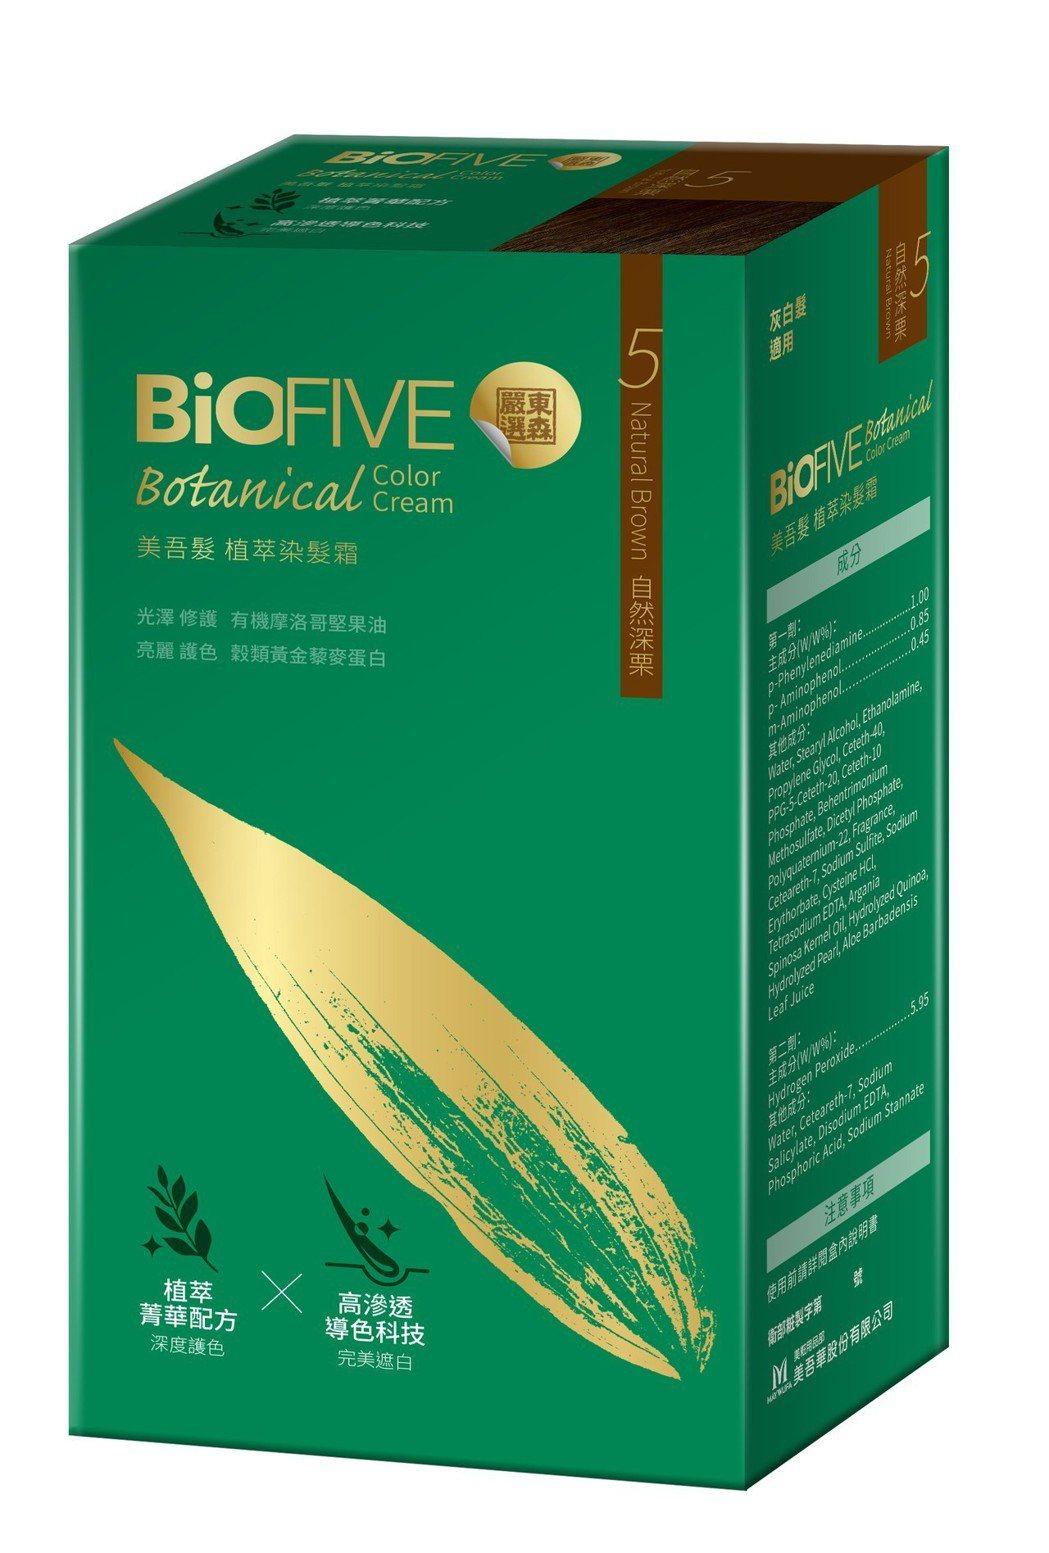 1月25日(五) 21:20美吾髮BioFIVE 植萃染髮霜於東森購物47頻道首...